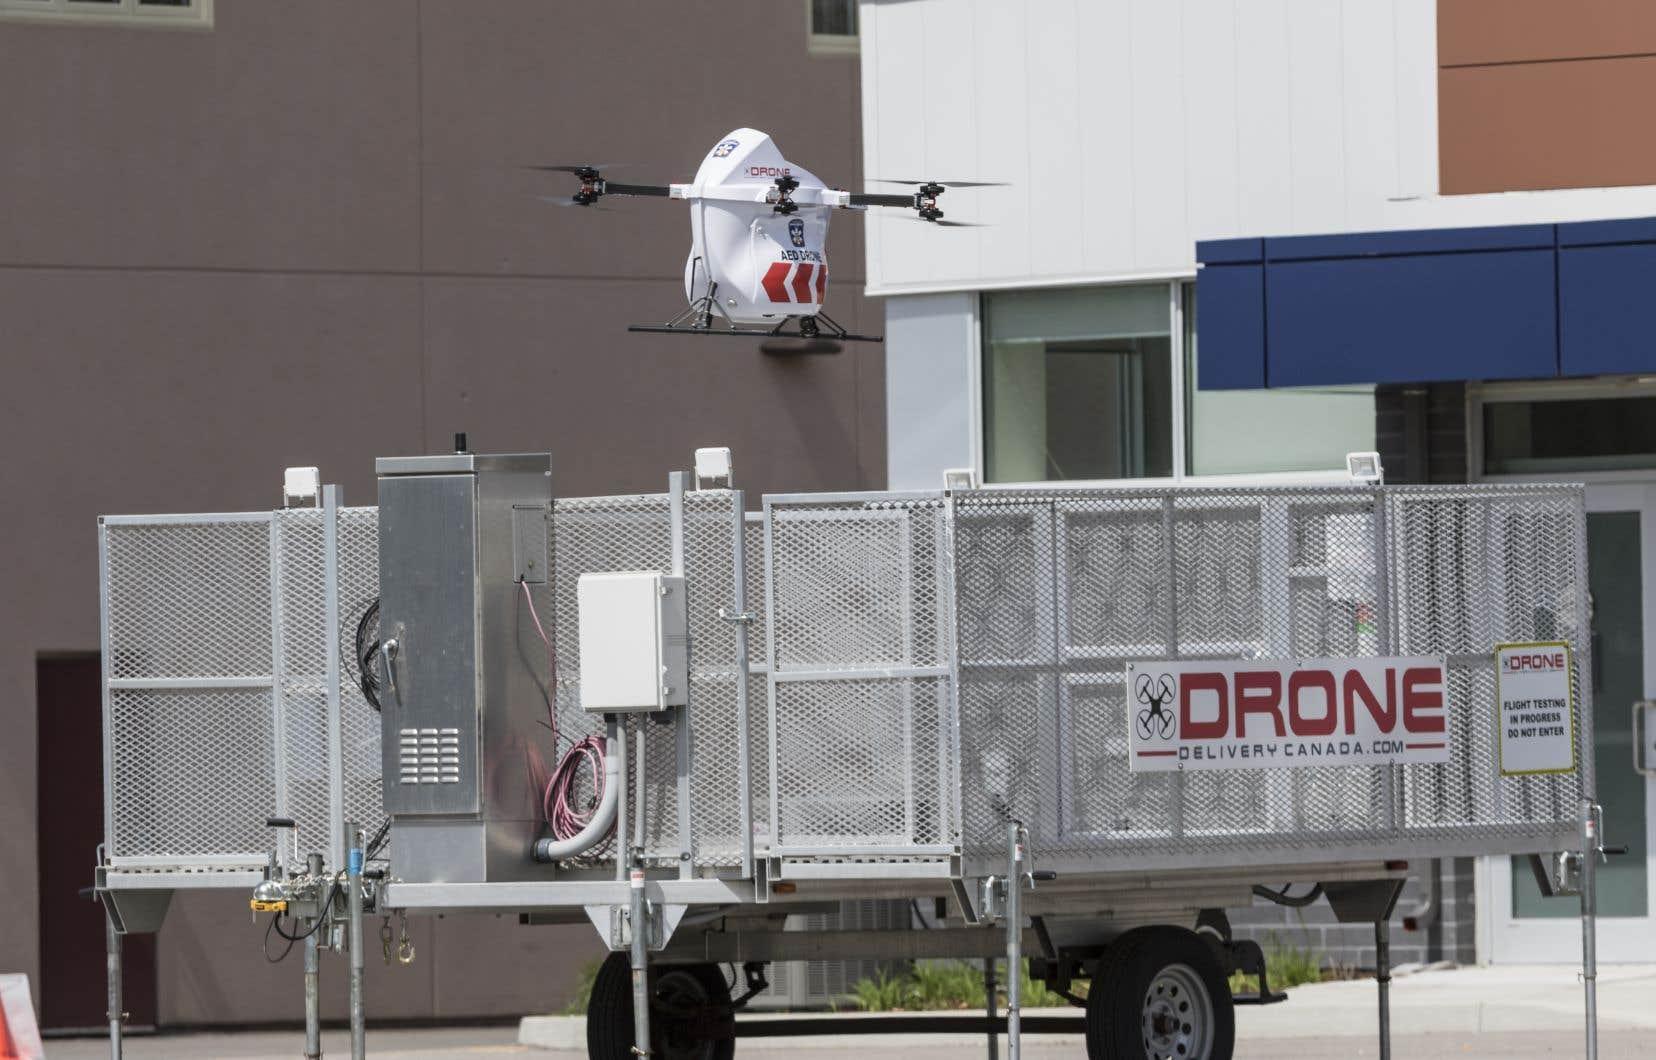 La compagnie Drone Delivery Canada (DDC) va mettre en service dans quelques mois des drones coursiers entre deux territoires de la Première Nation Moose Cree.